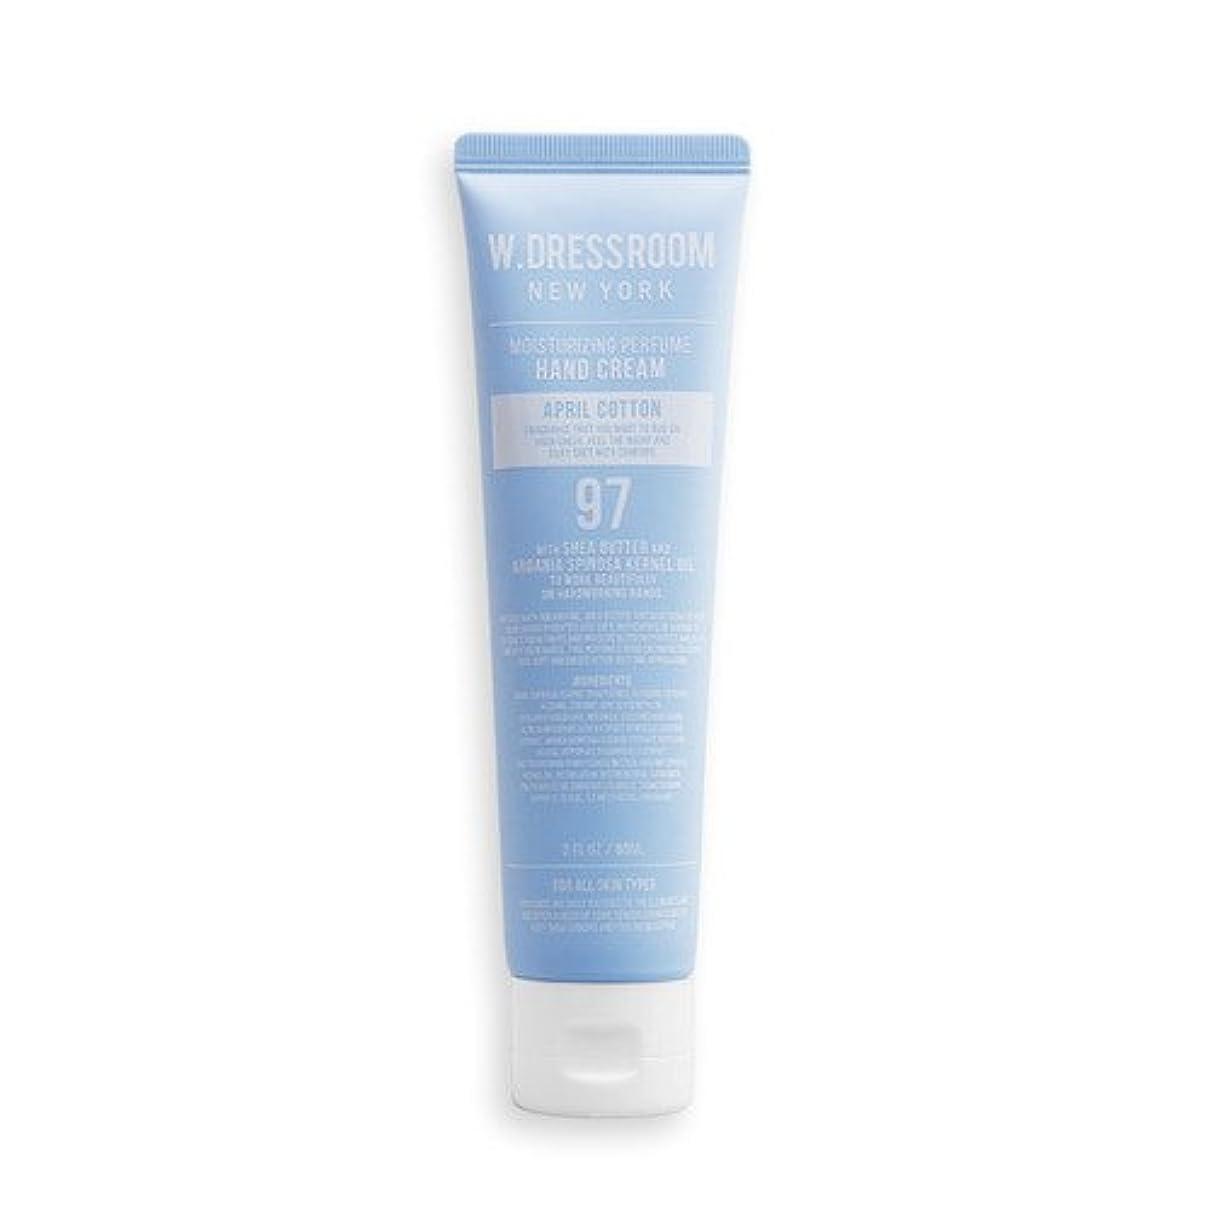 障害者機会不運W.DRESSROOM Moisturizing Perfume Hand Cream 60ml/ダブルドレスルーム モイスチャライジング パフューム ハンドクリーム 60ml (#No.97 April Cotton) [並行輸入品]